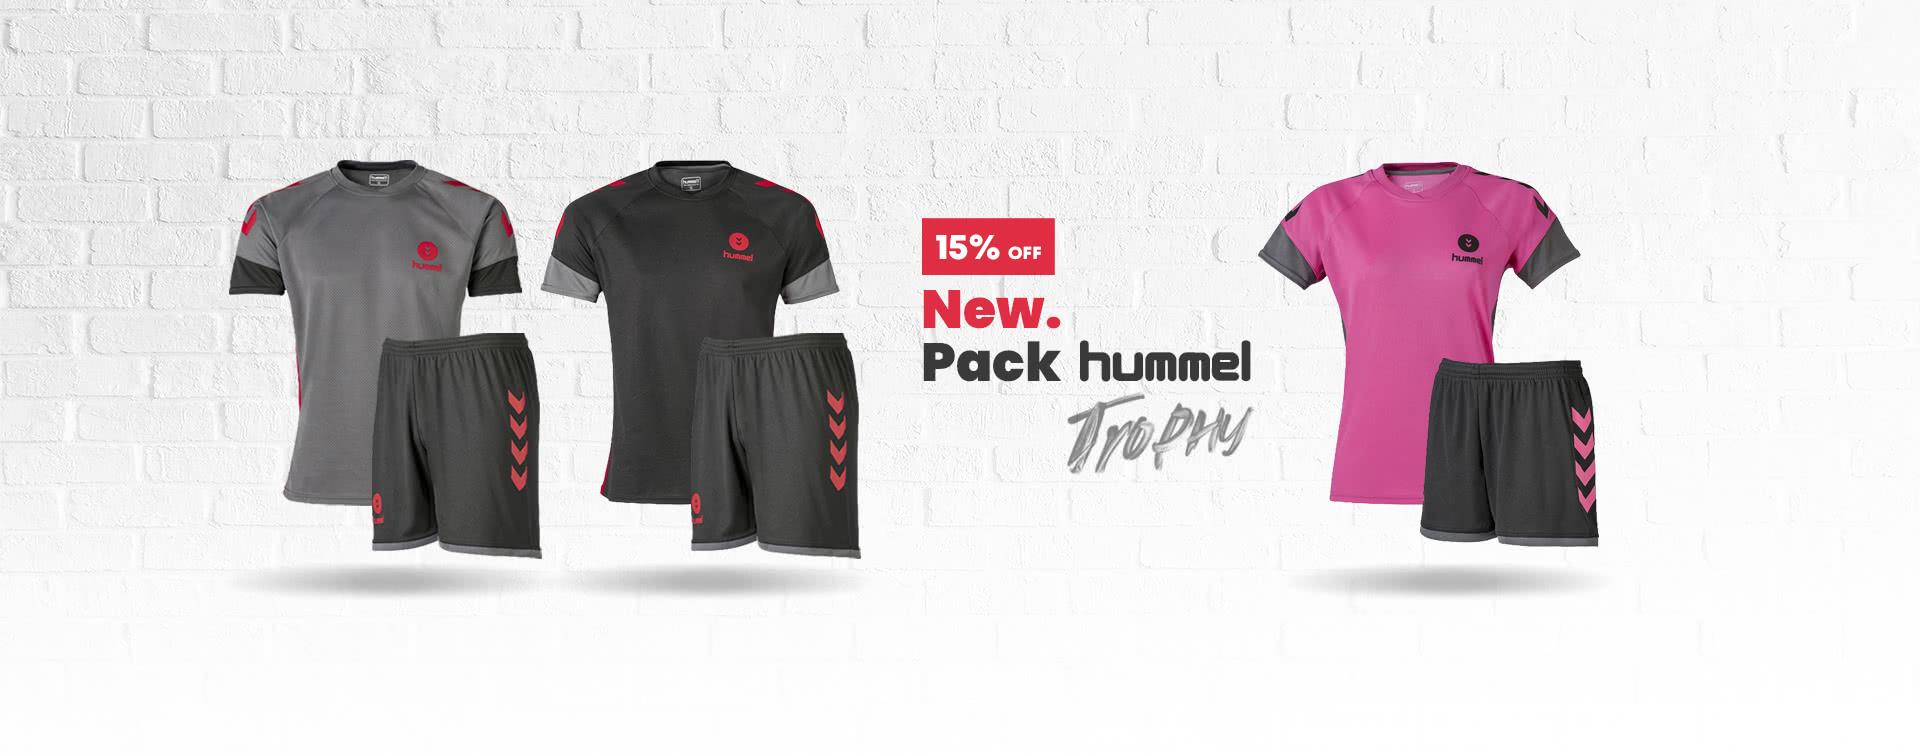 Hummel Trophy new wear